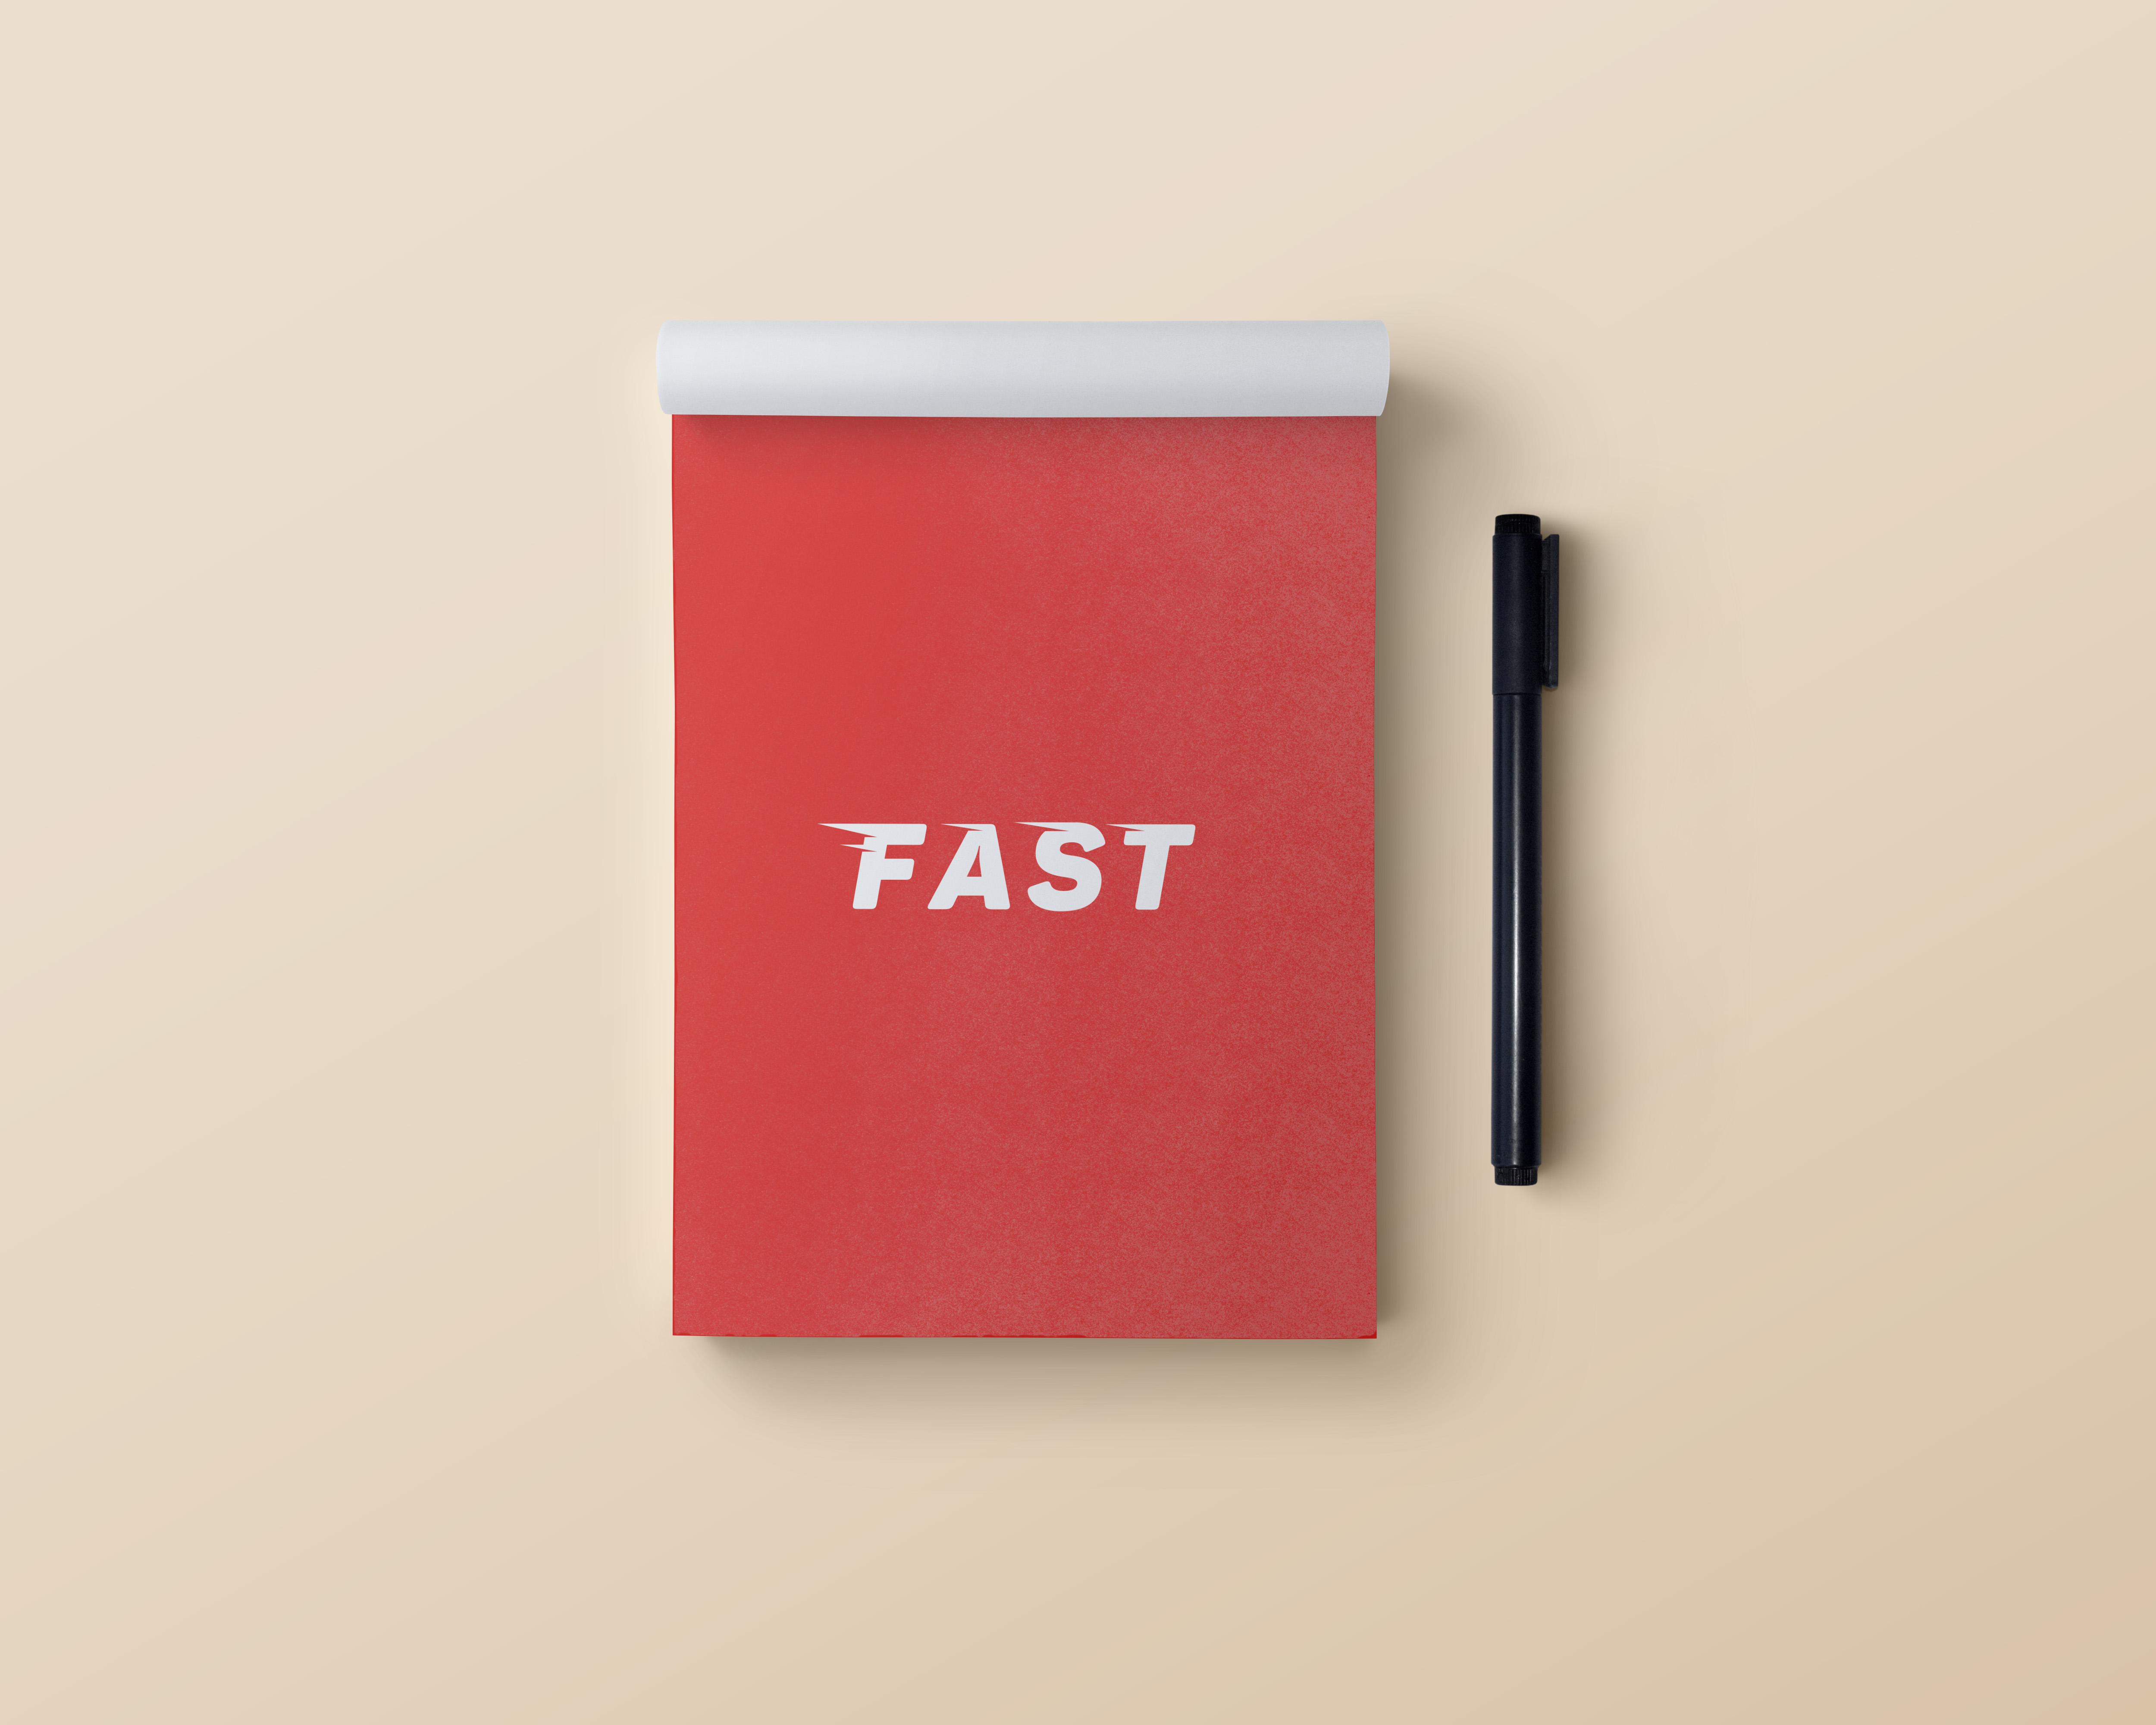 Разработка Логотипа FAST